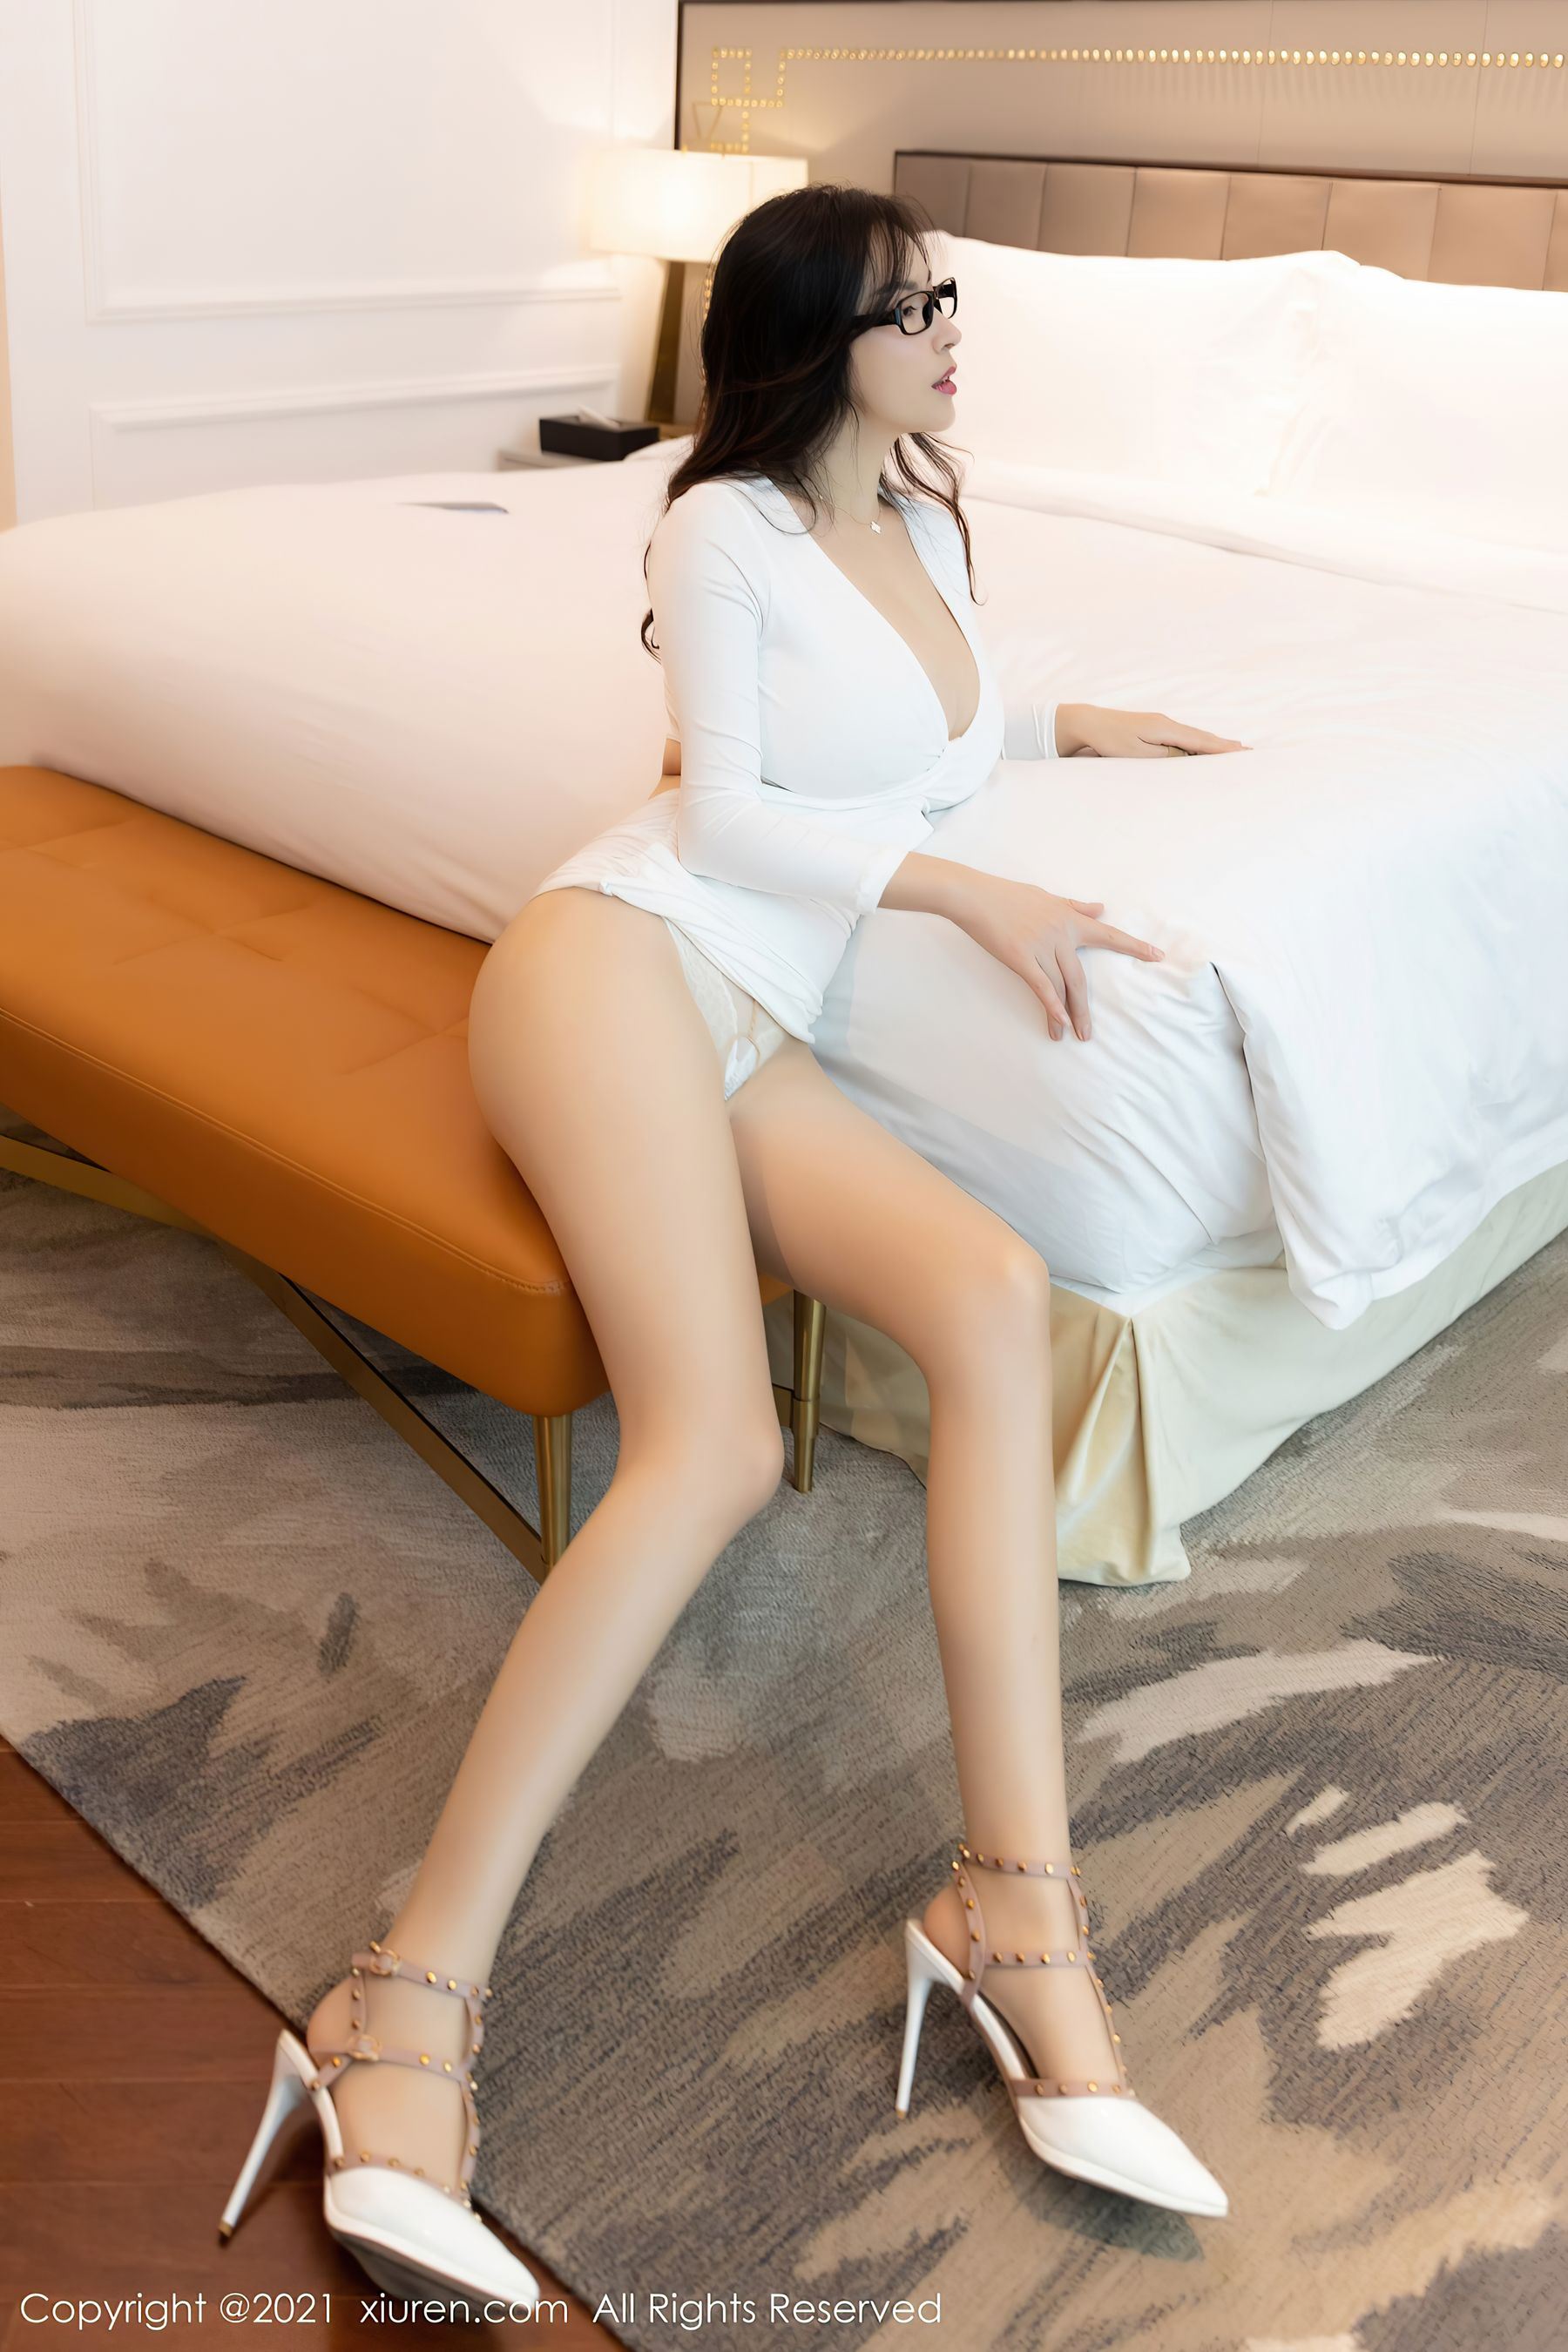 VOL.382 [秀人网]巨乳轻熟女眼镜娘:乔漫妮(乔漫妮mina,赵惟依)超高清写真套图(53P)